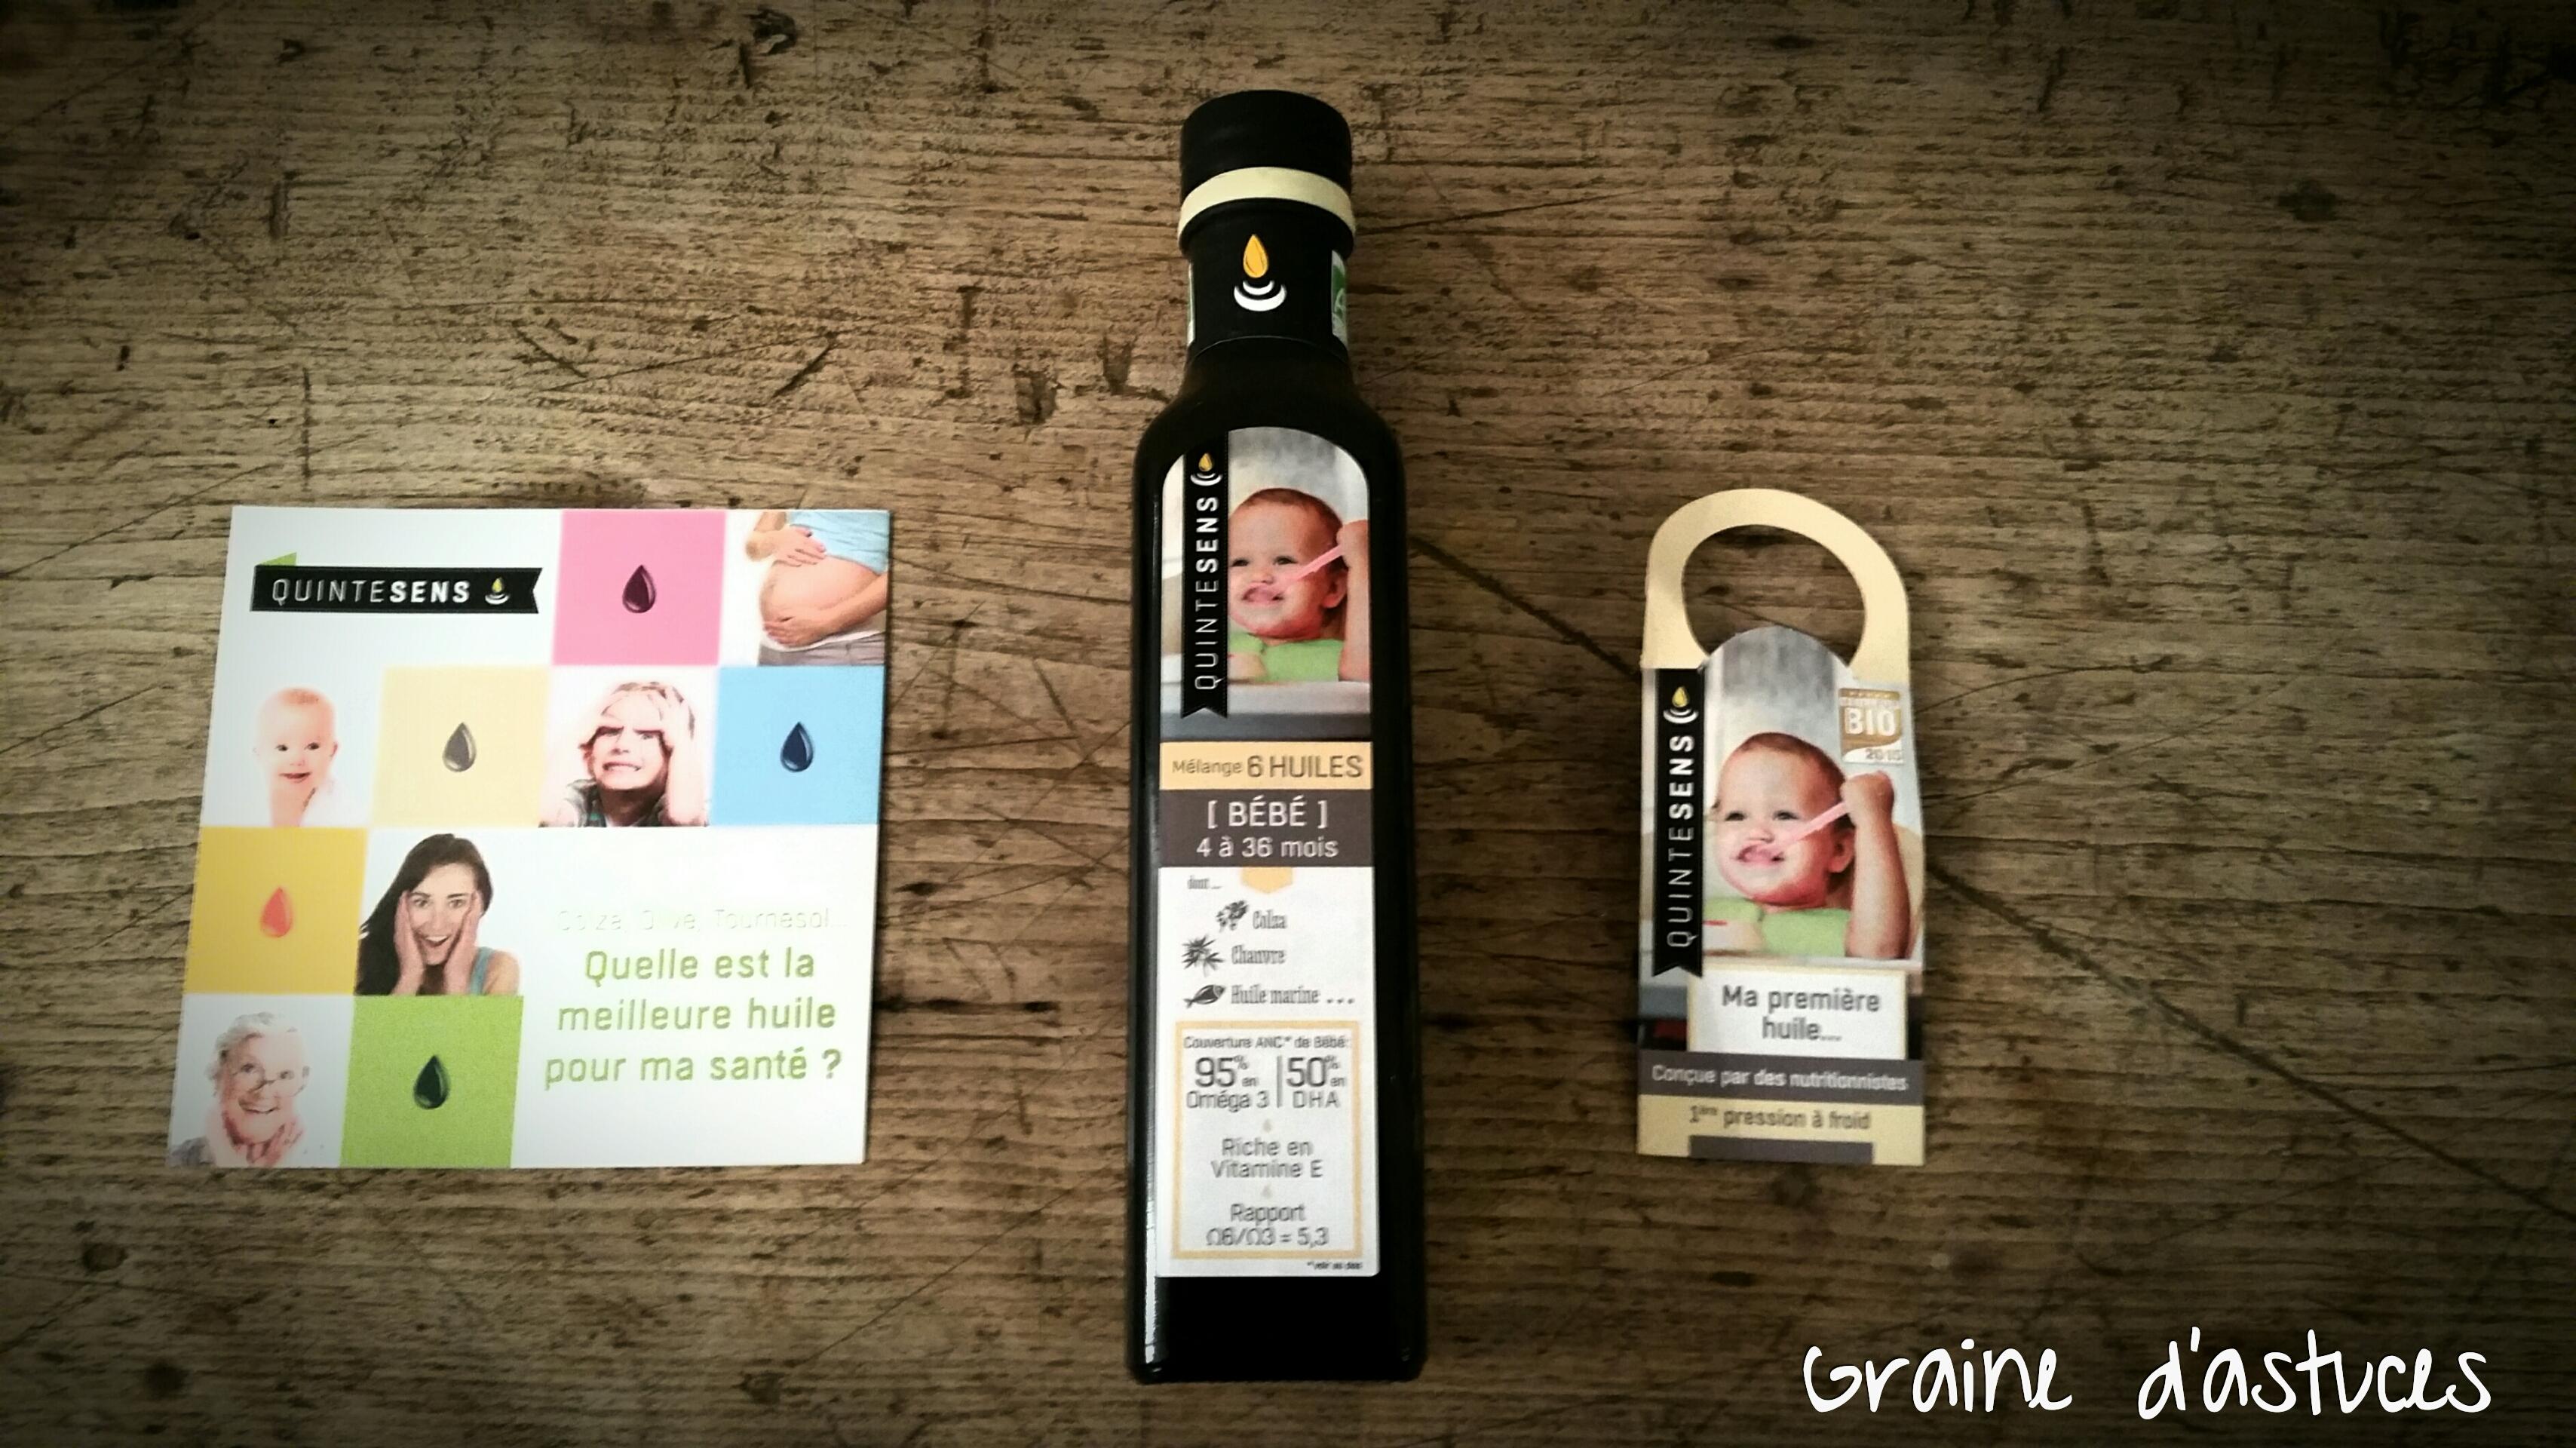 huile bio bébé quintesens